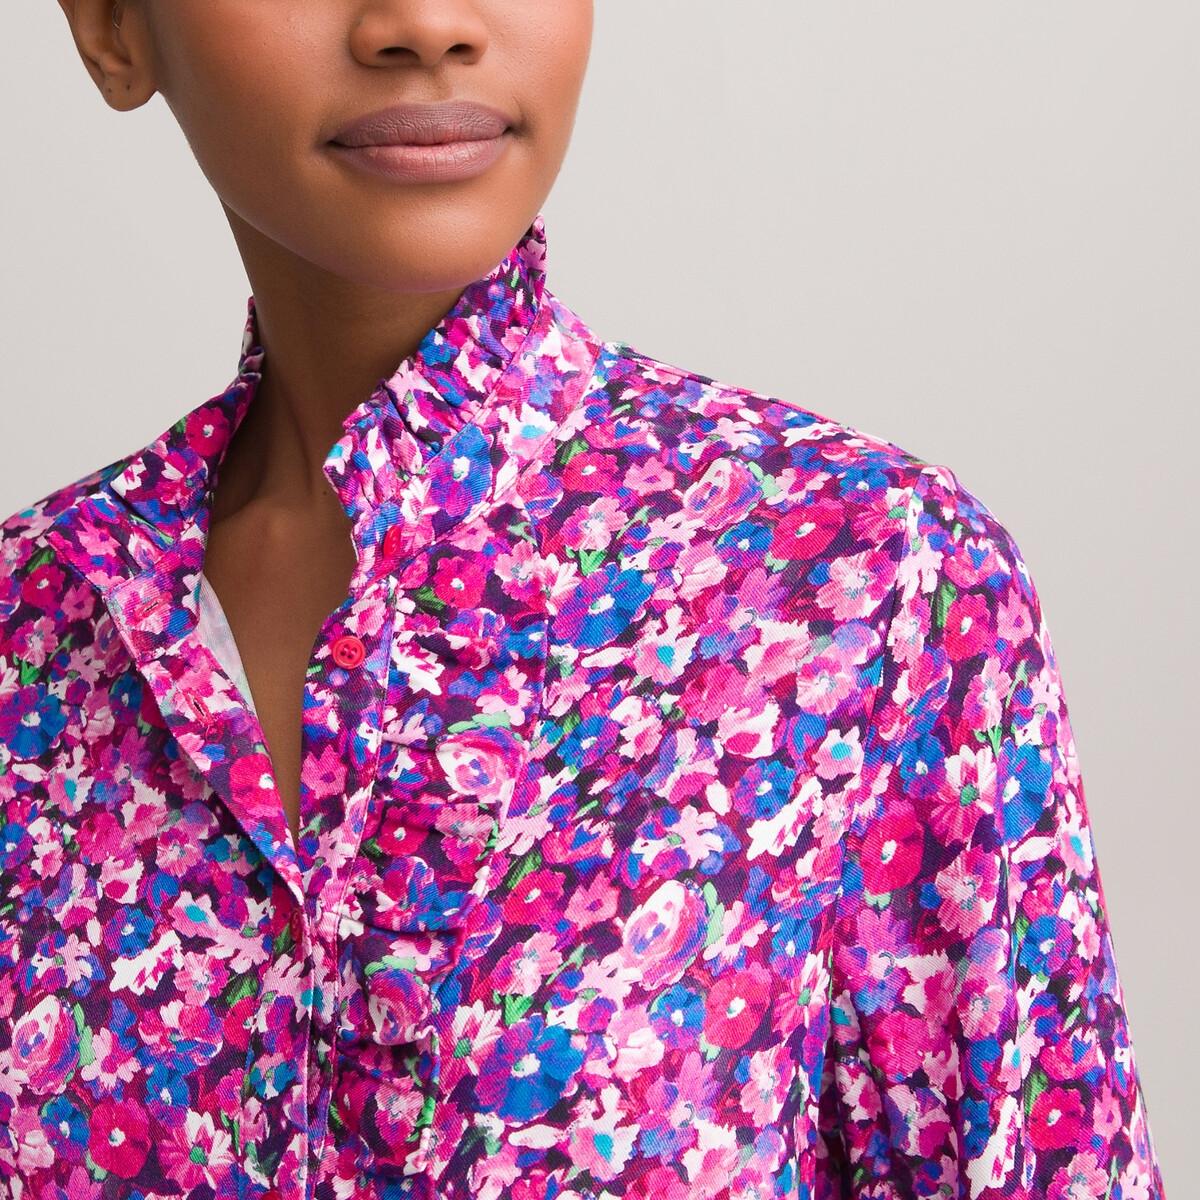 Блузка LaRedoute С воротником-стойкой и цветочным принтом 38 (FR) - 44 (RUS) разноцветный блузка laredoute с рубашечным воротником и вышивкой 38 fr 44 rus синий